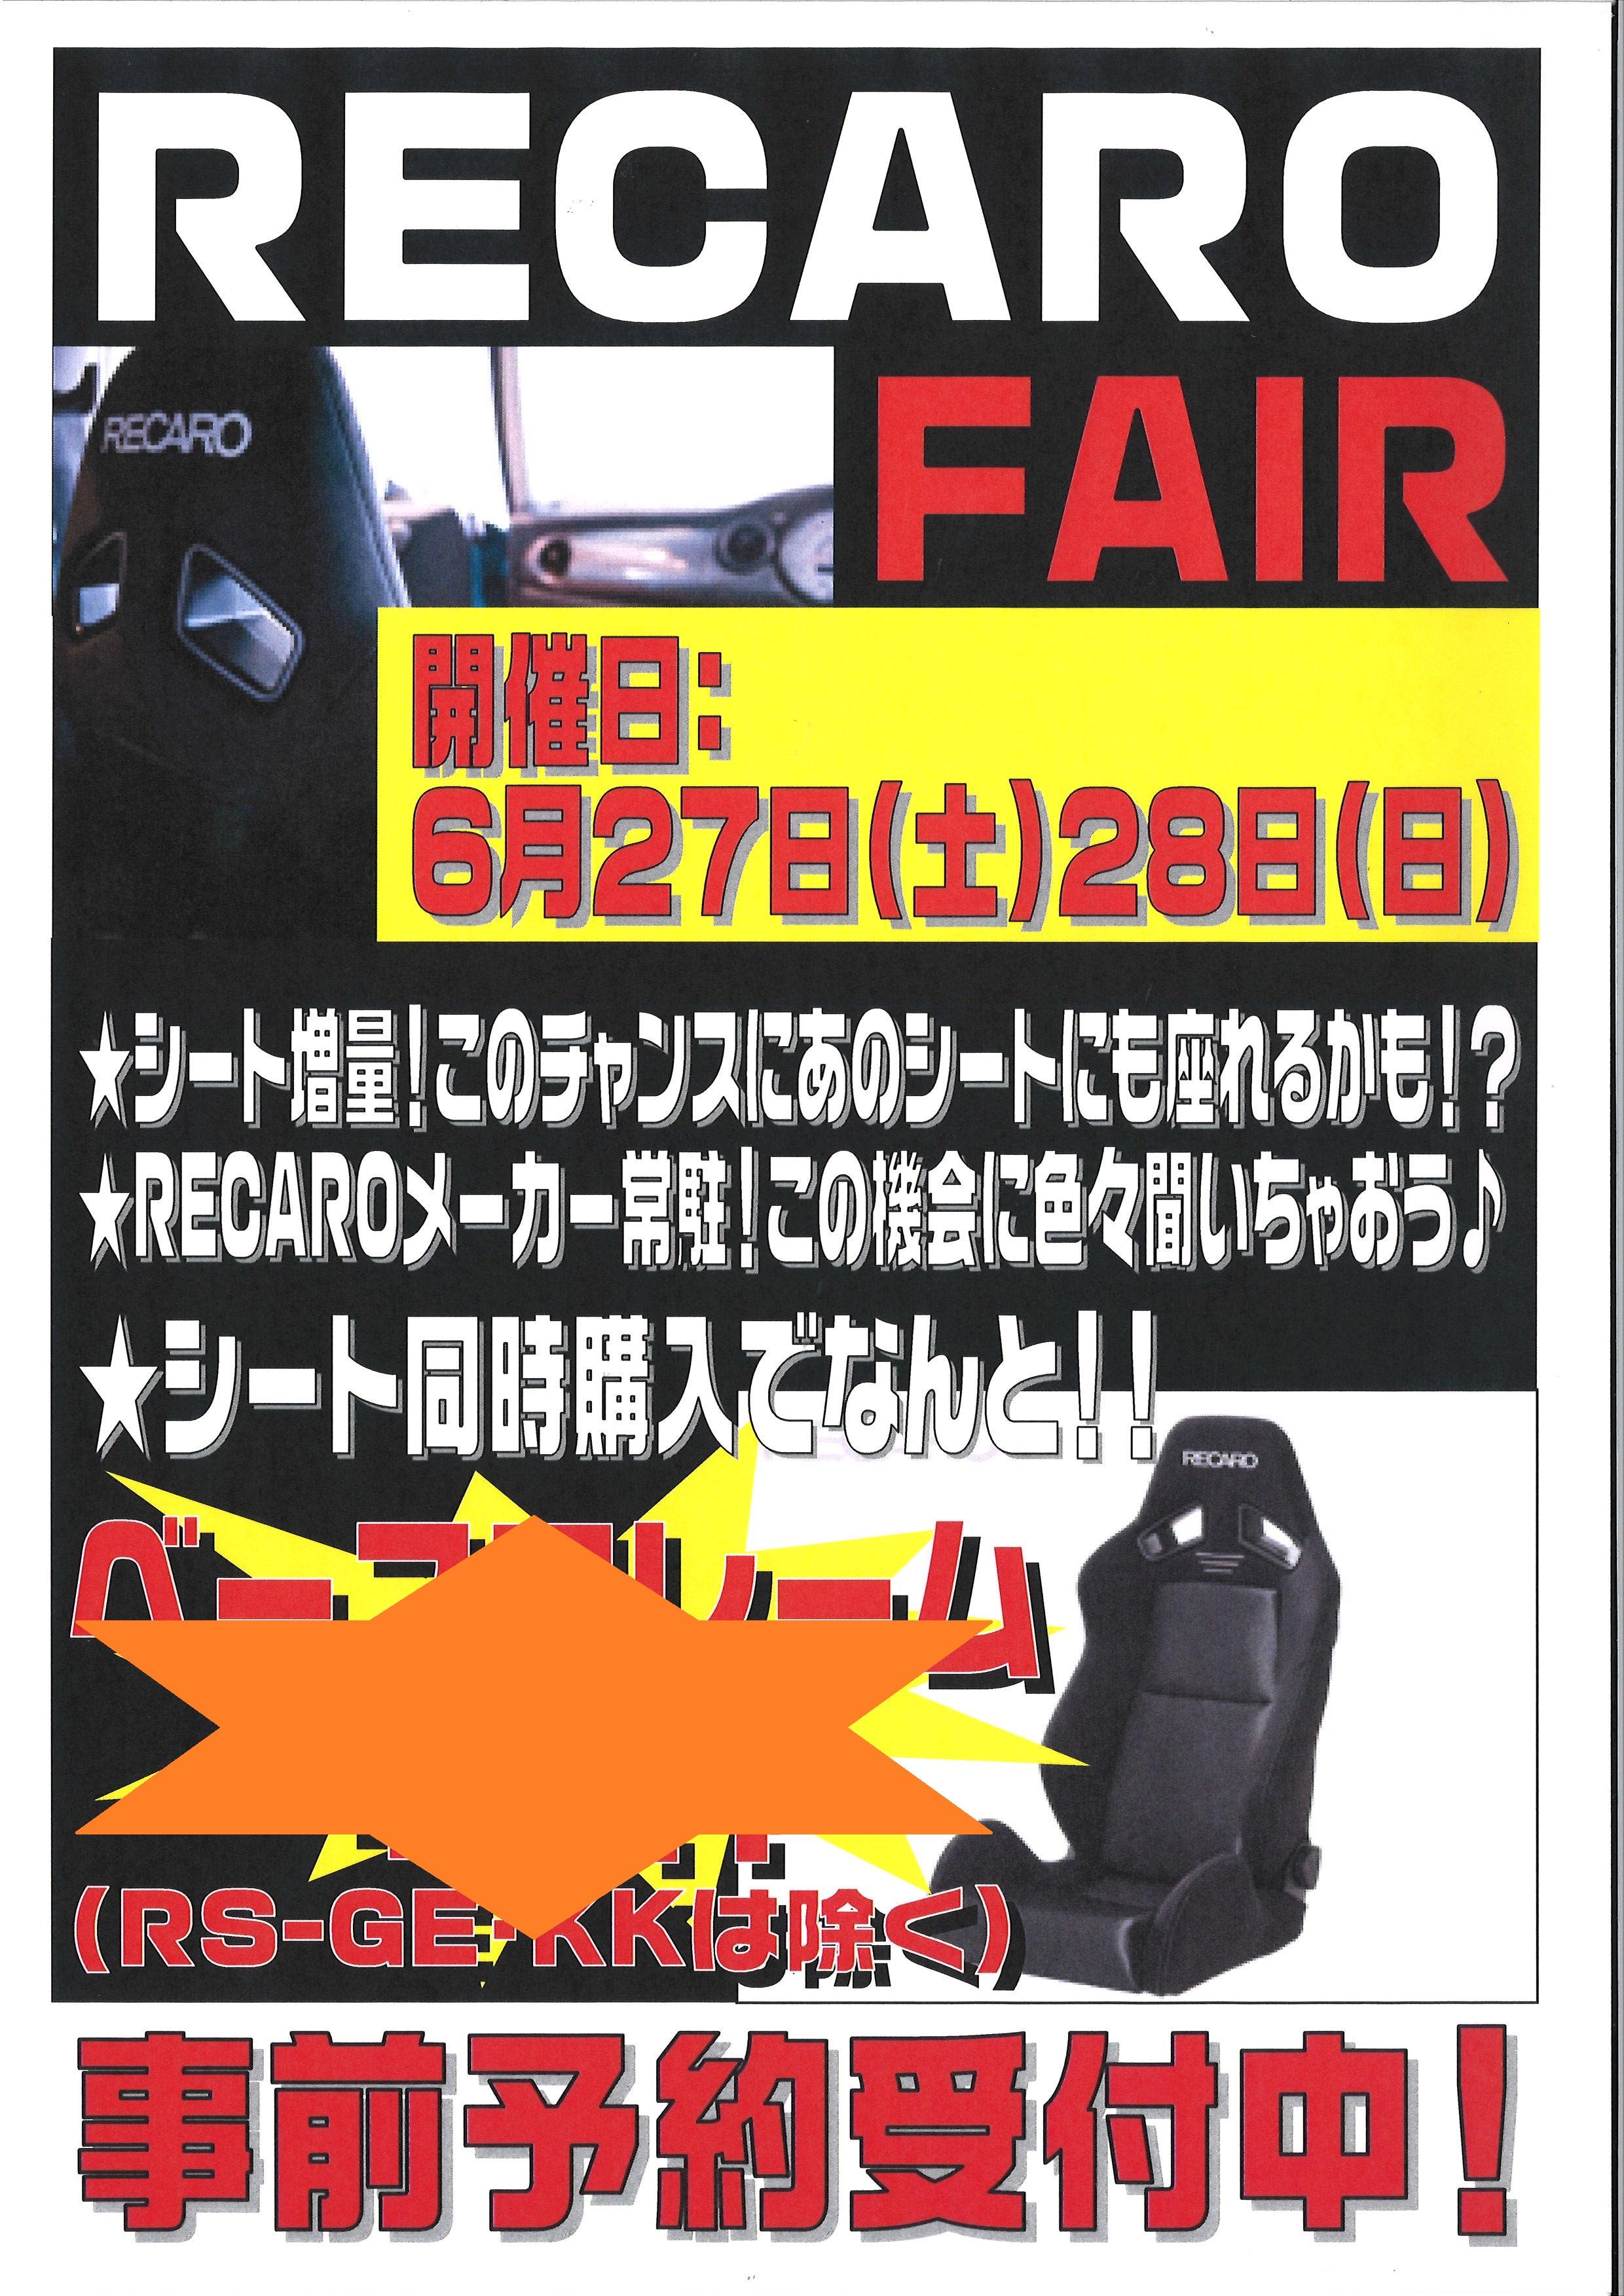 【イベント情報】RECARO FAIR開催決定!